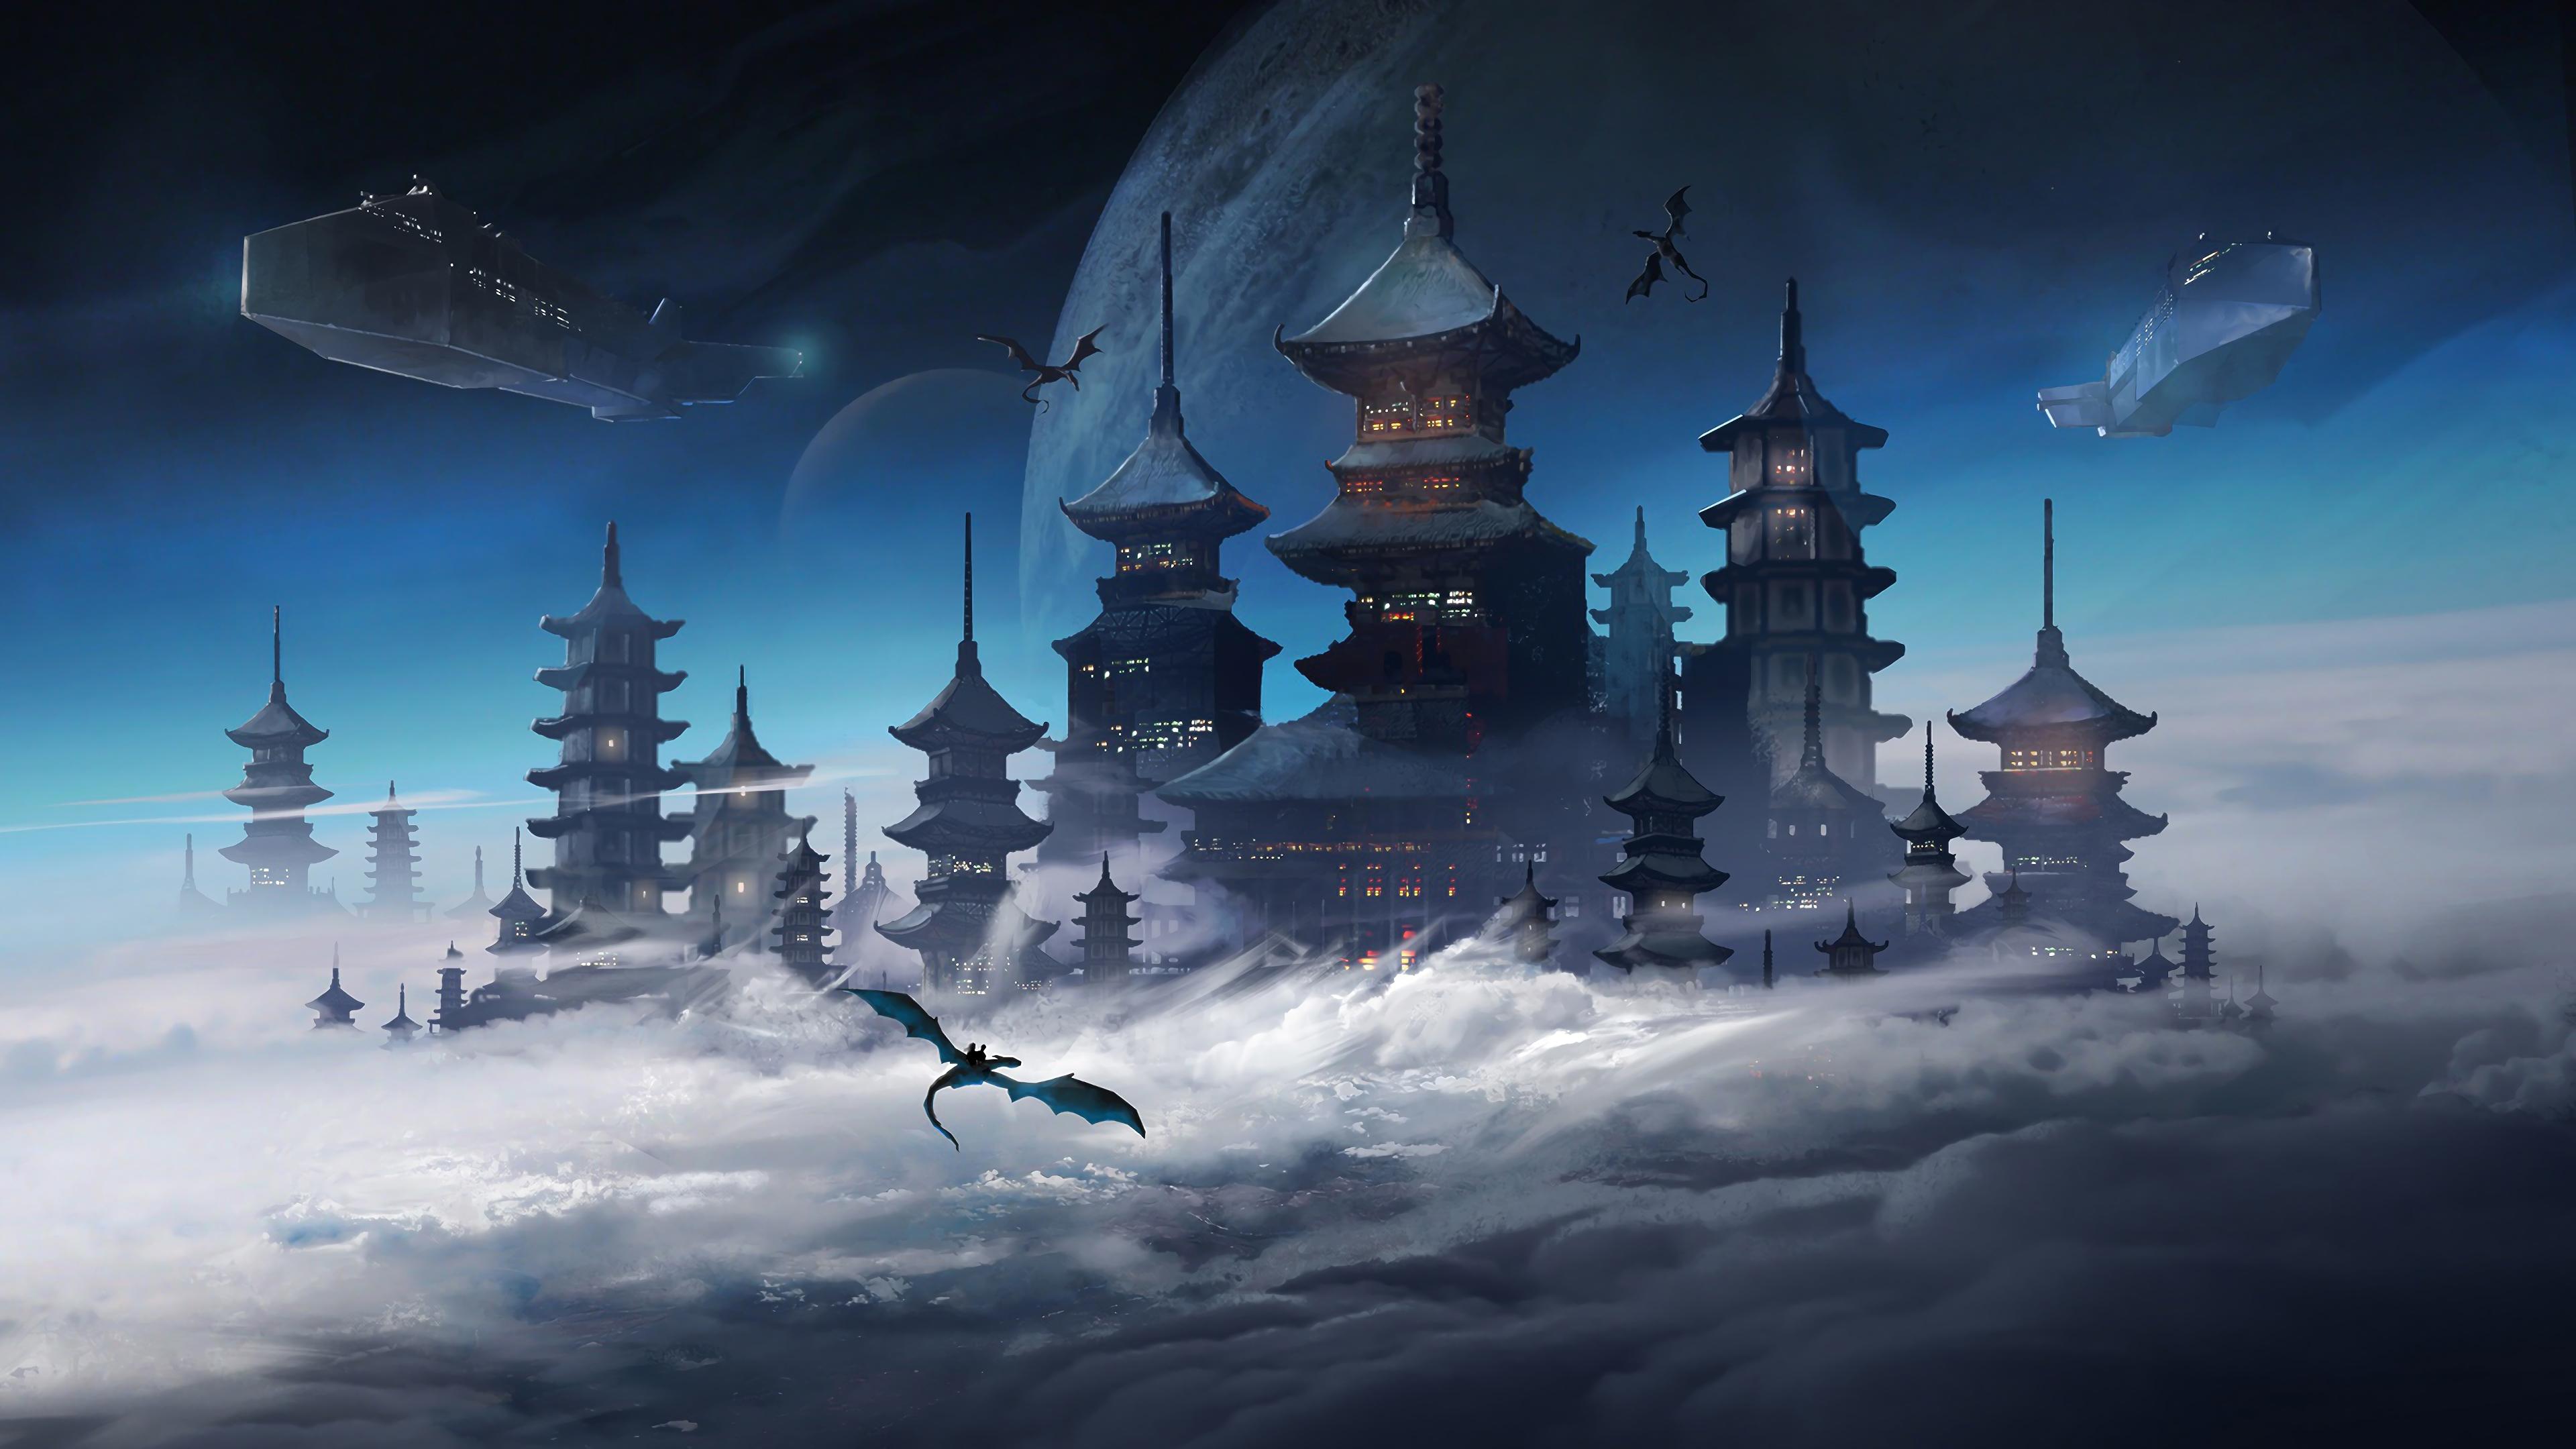 Wallpaper 4k Japanese Castle Fantasy Sci Fi Japanese Castle 4k Wallpapers Japanese Castle Fantasy Sci Fi Wallpapers